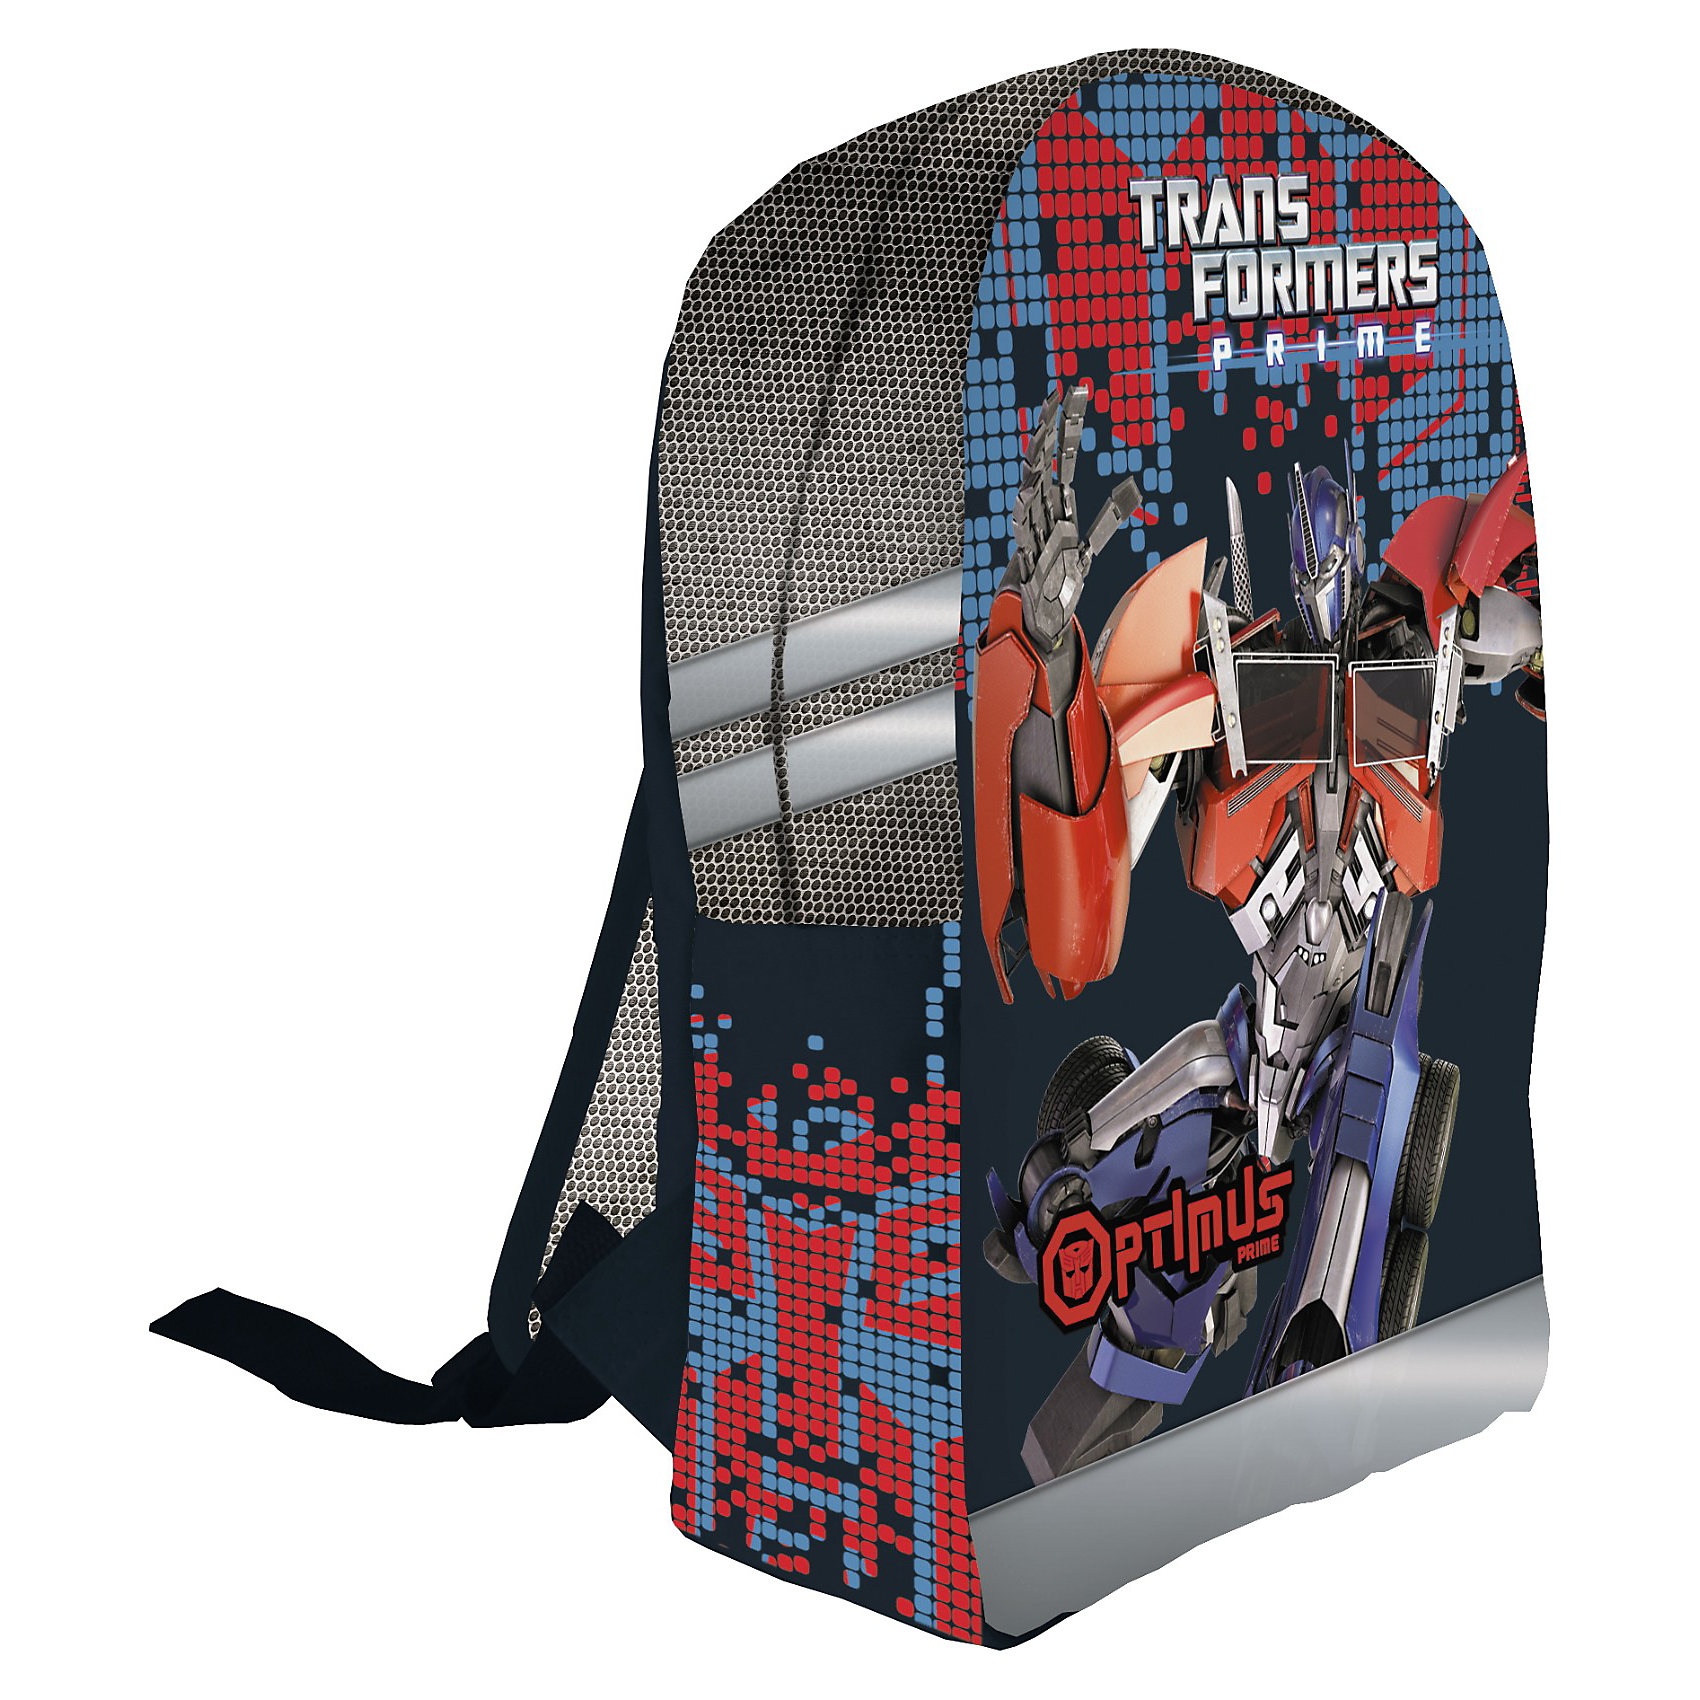 Рюкзак для свободного времени, Трансформеры